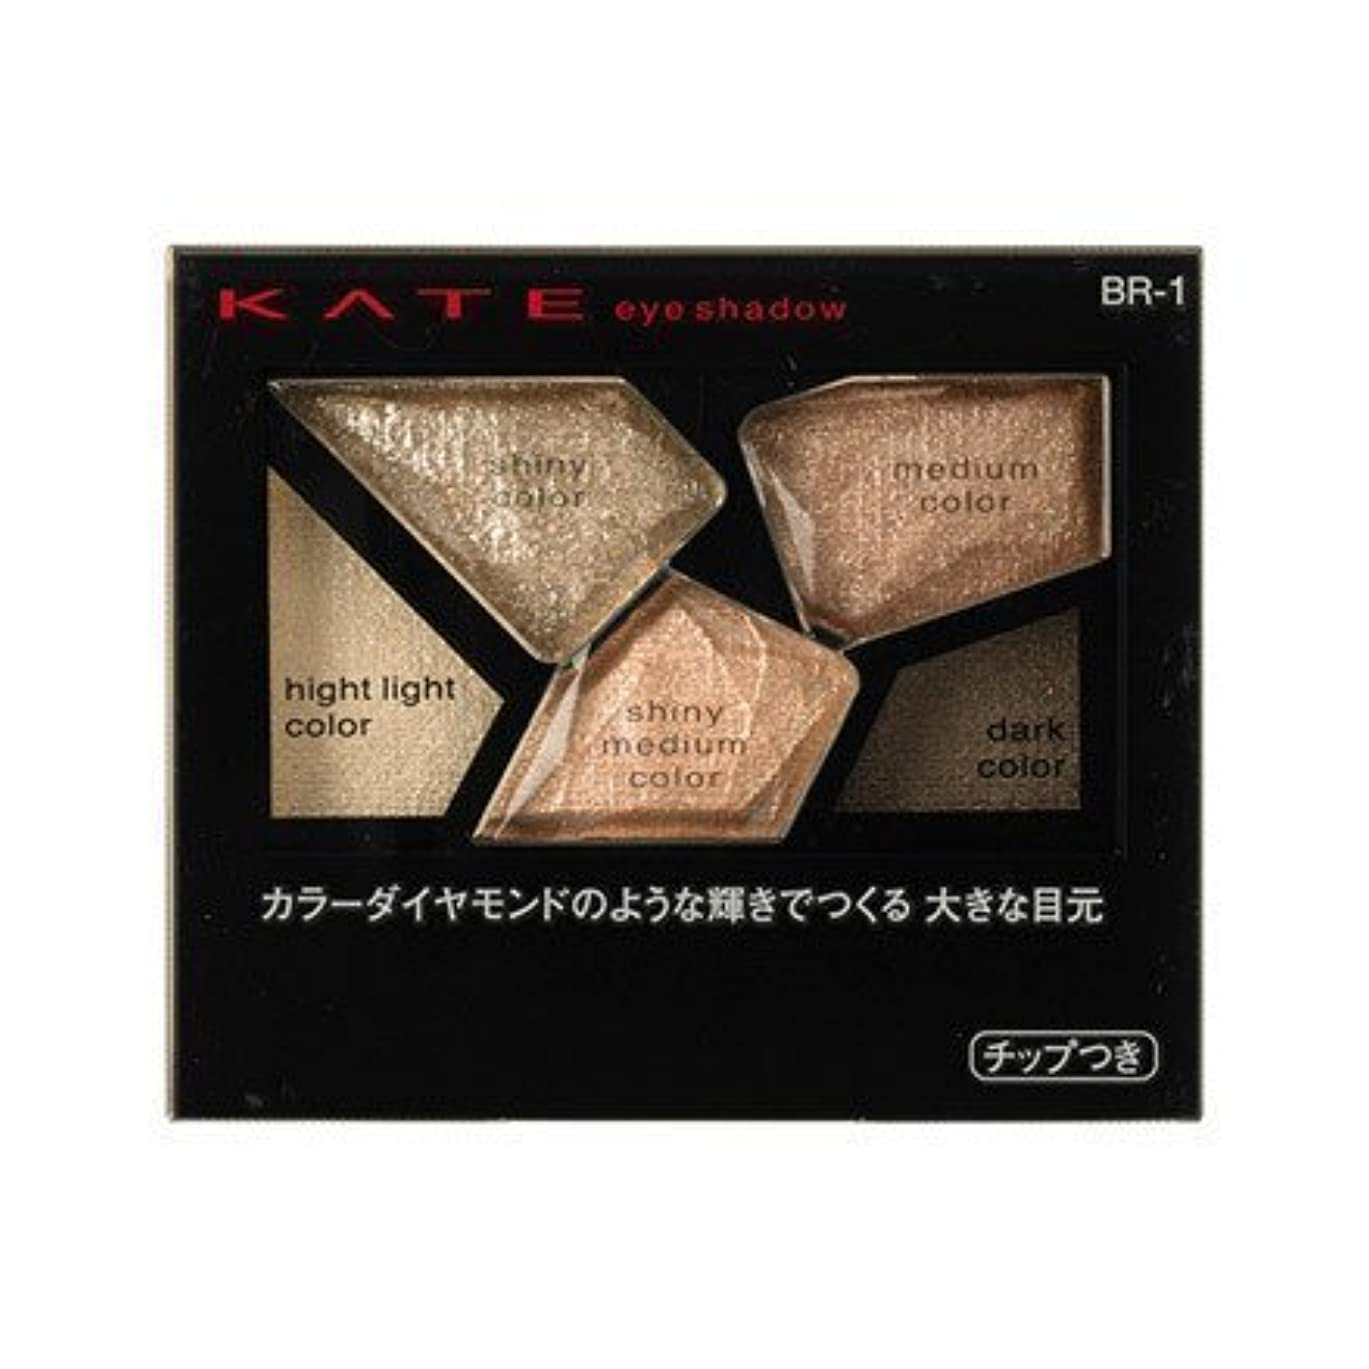 ちょっと待ってゲートウェイ期待【カネボウ】ケイト カラーシャスダイヤモンド #BR-1 2.8g